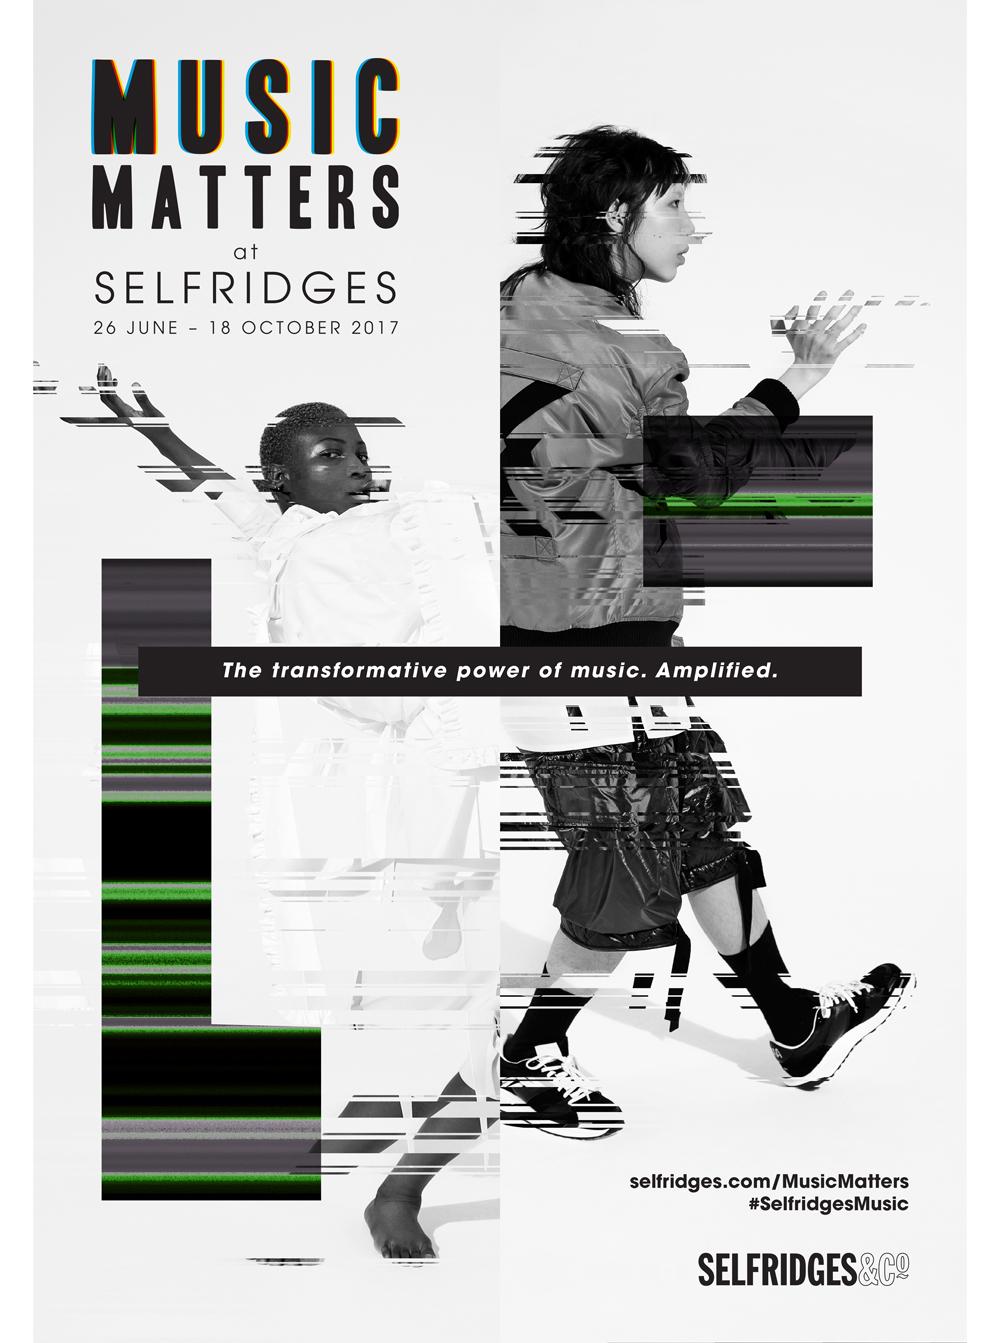 CS17009_Music_Matters_Hero_Poster_A2_AW_HR-3.jpg